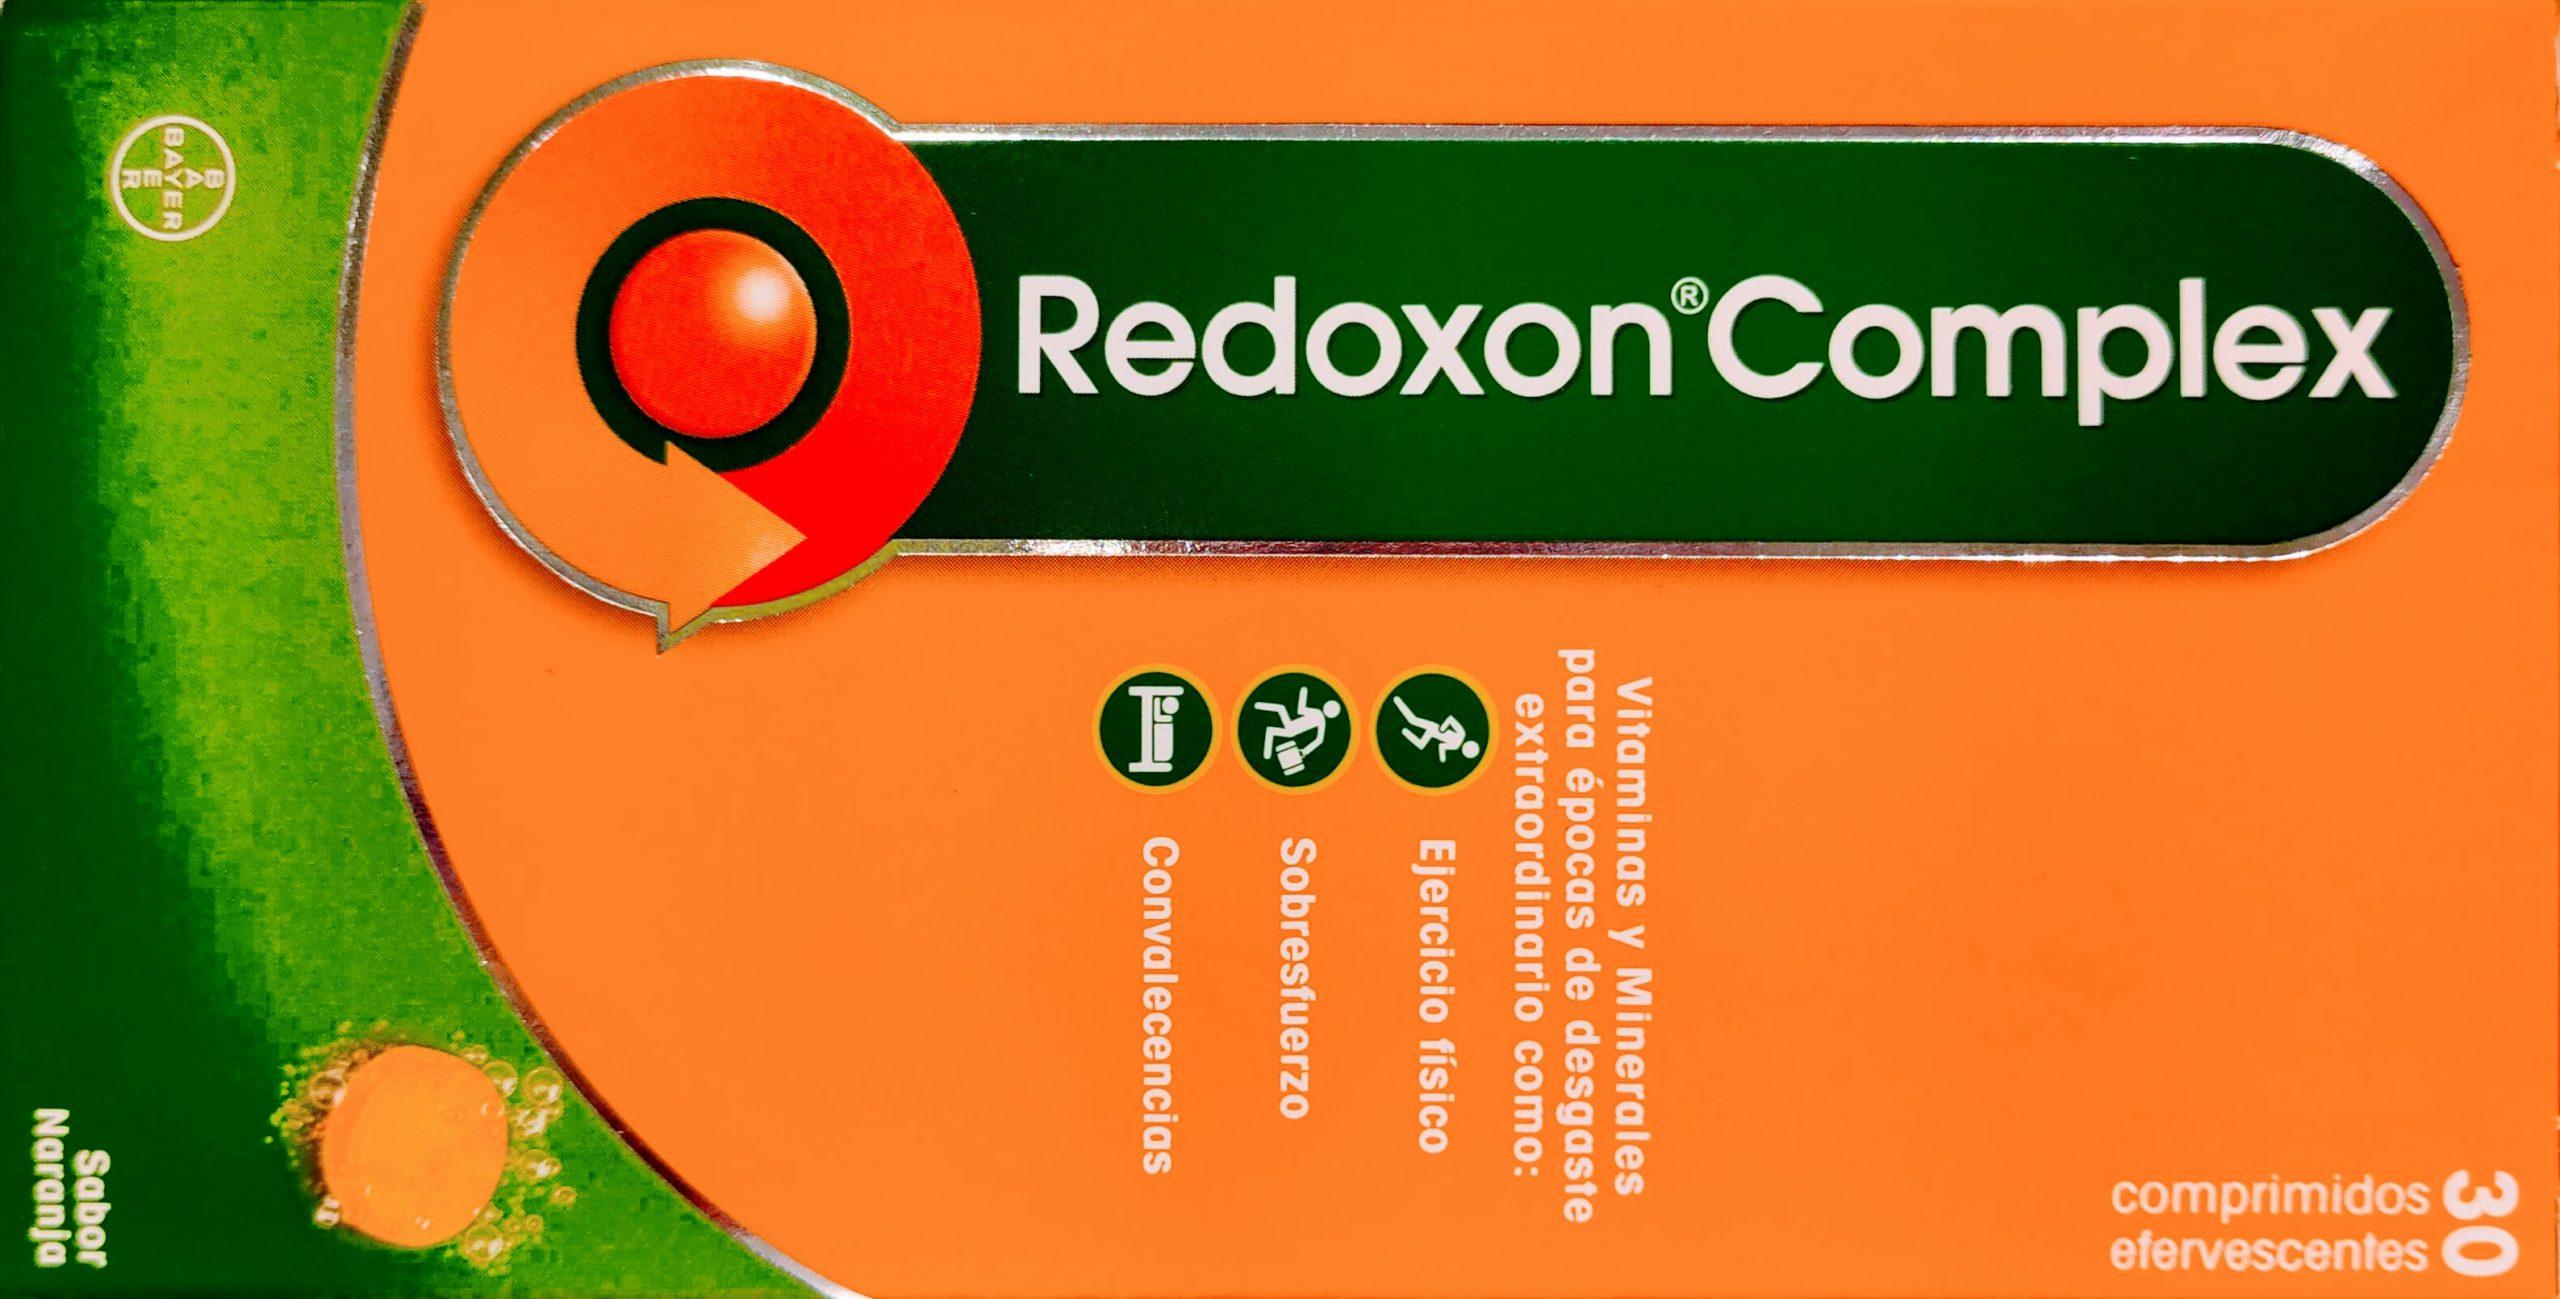 Redoxon Complex Vitaminas Defensas 30 comprimidos efervescentes. Compra Redoxon Complex 30 Comprimidos Efervescentes